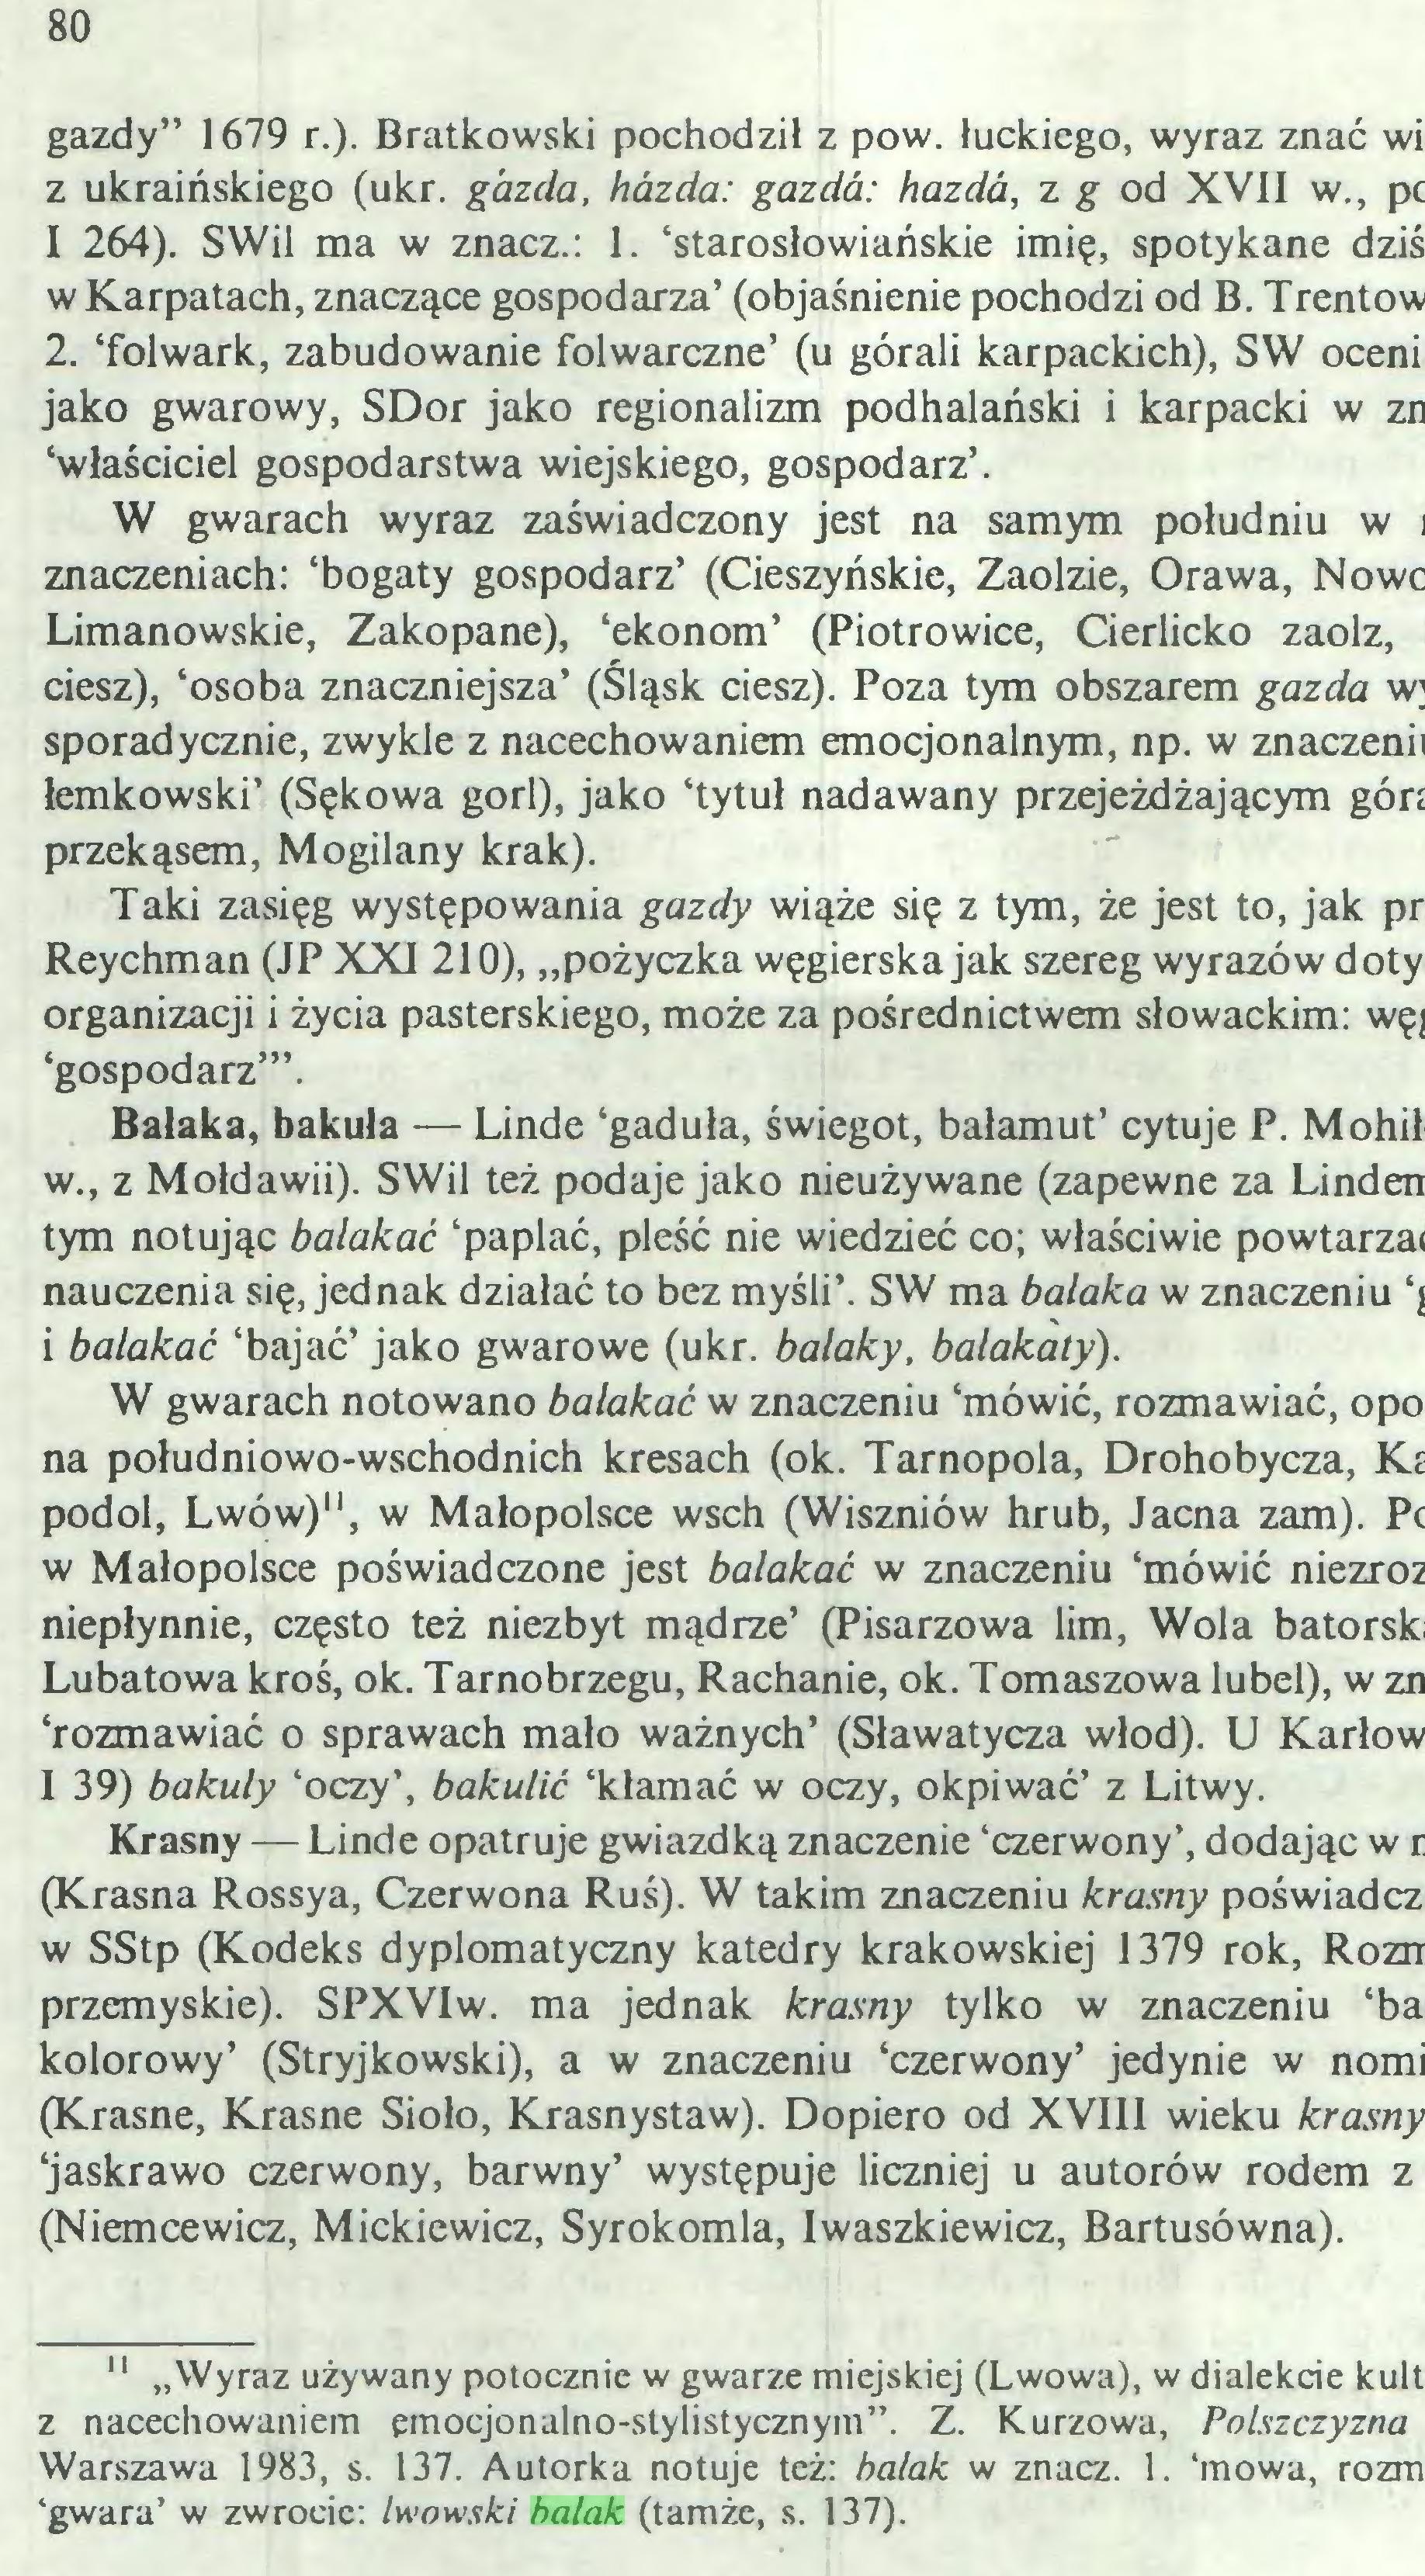 (...) 'gwara' w zwrocie: lwowski balak (tamże, s. 137). 81...